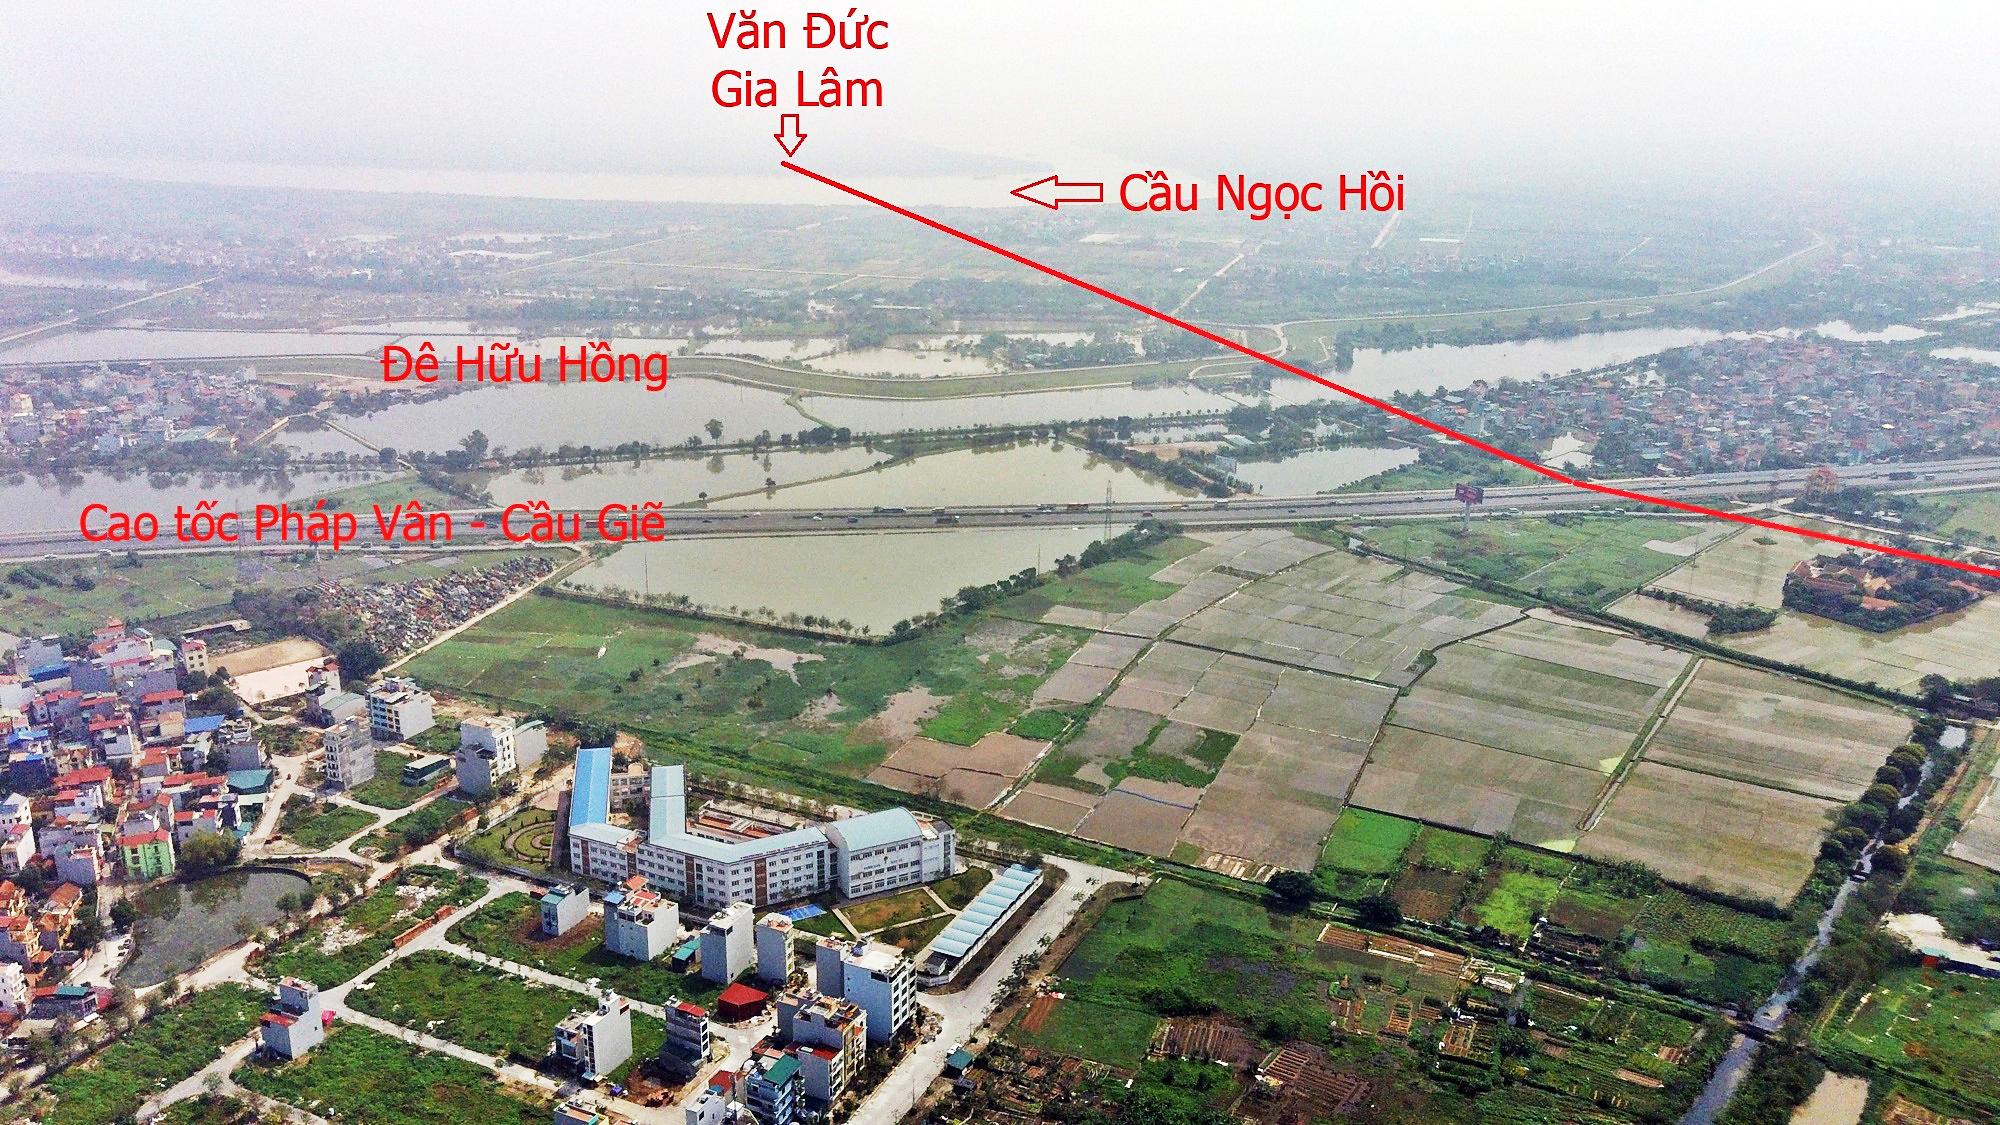 Khi nào làm cầu Ngọc Hồi gần loạt khu đô thị lớn của Vinhomes, Ecopark? - Ảnh 2.